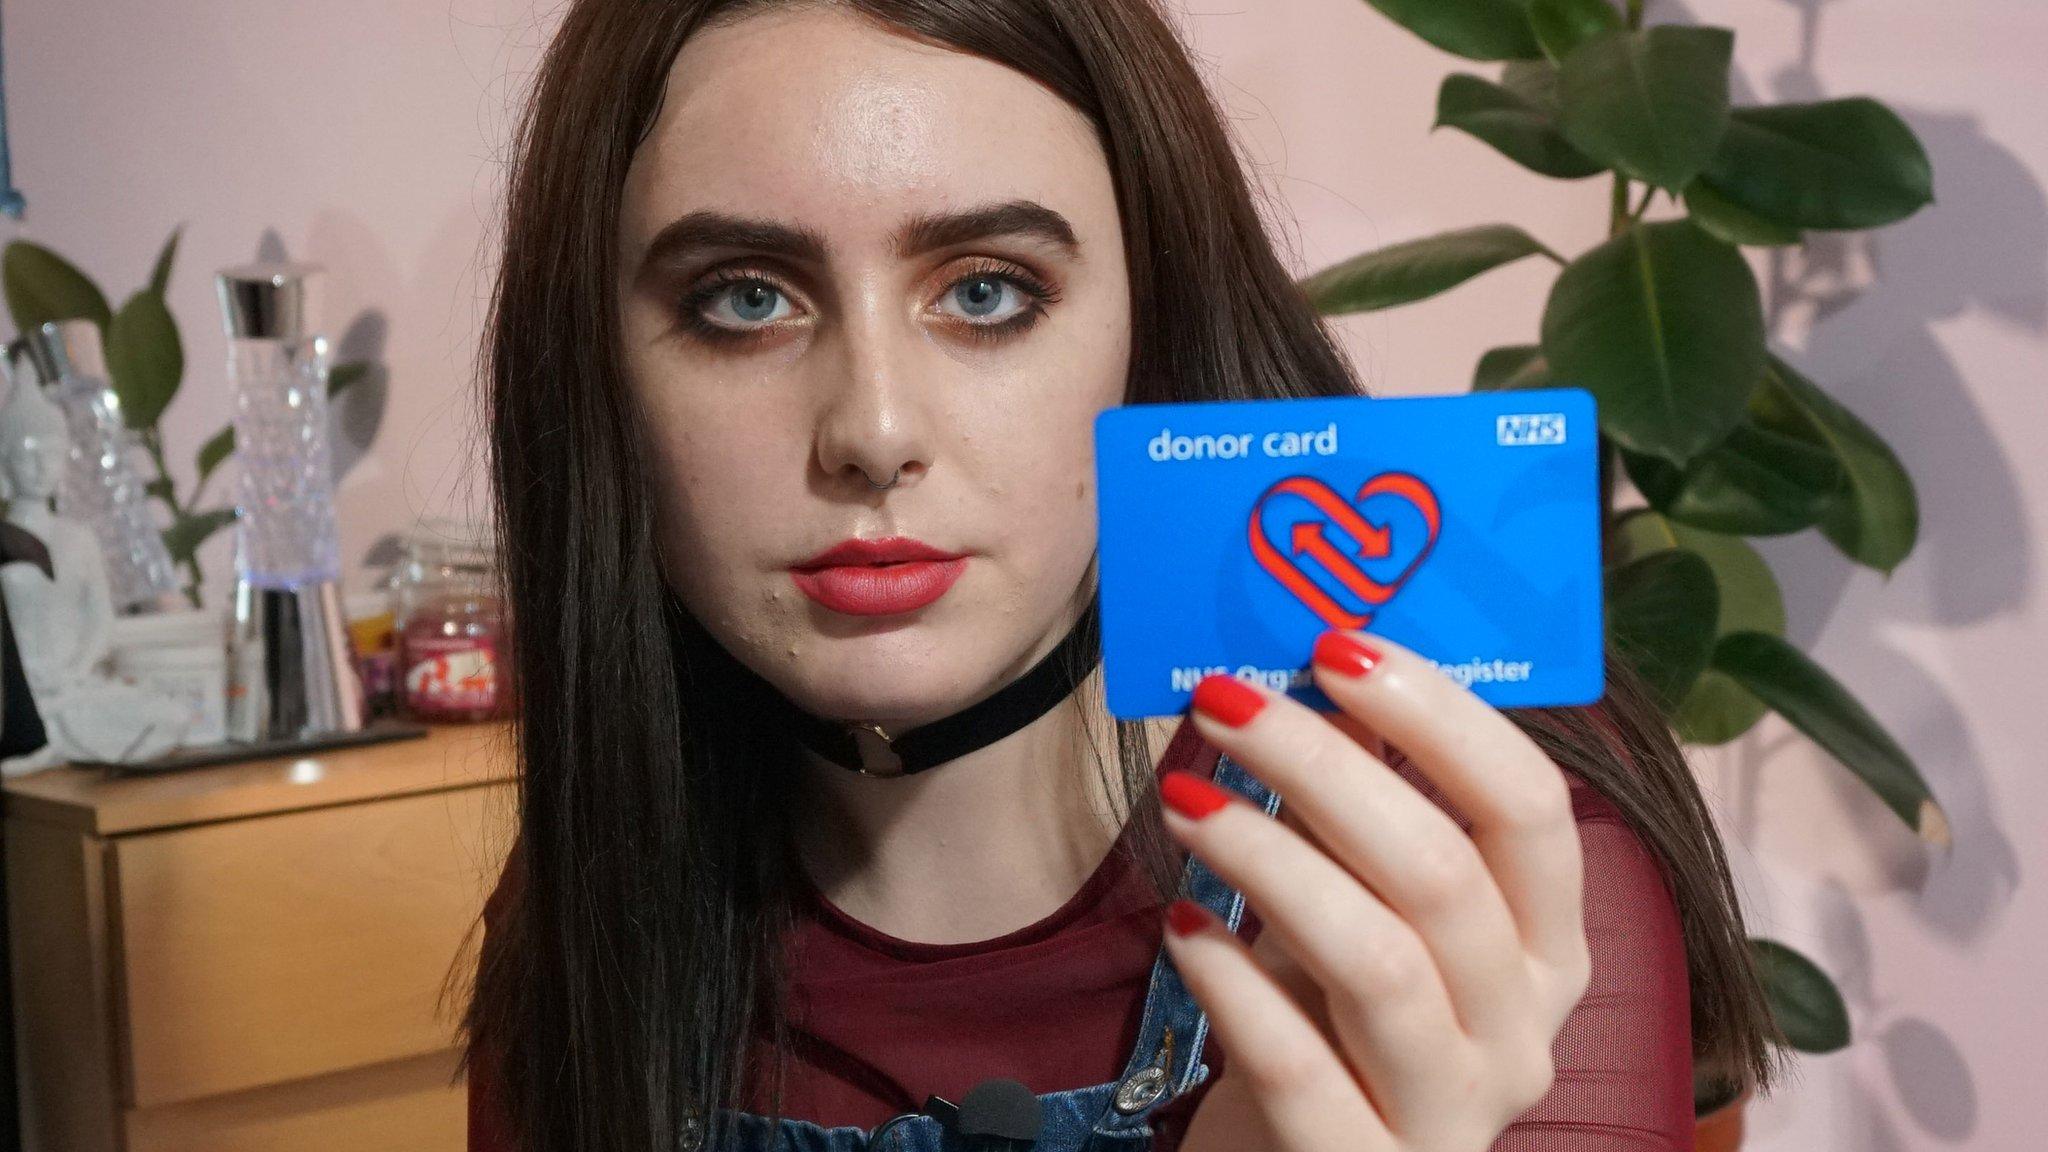 Hundreds of families block organ donation